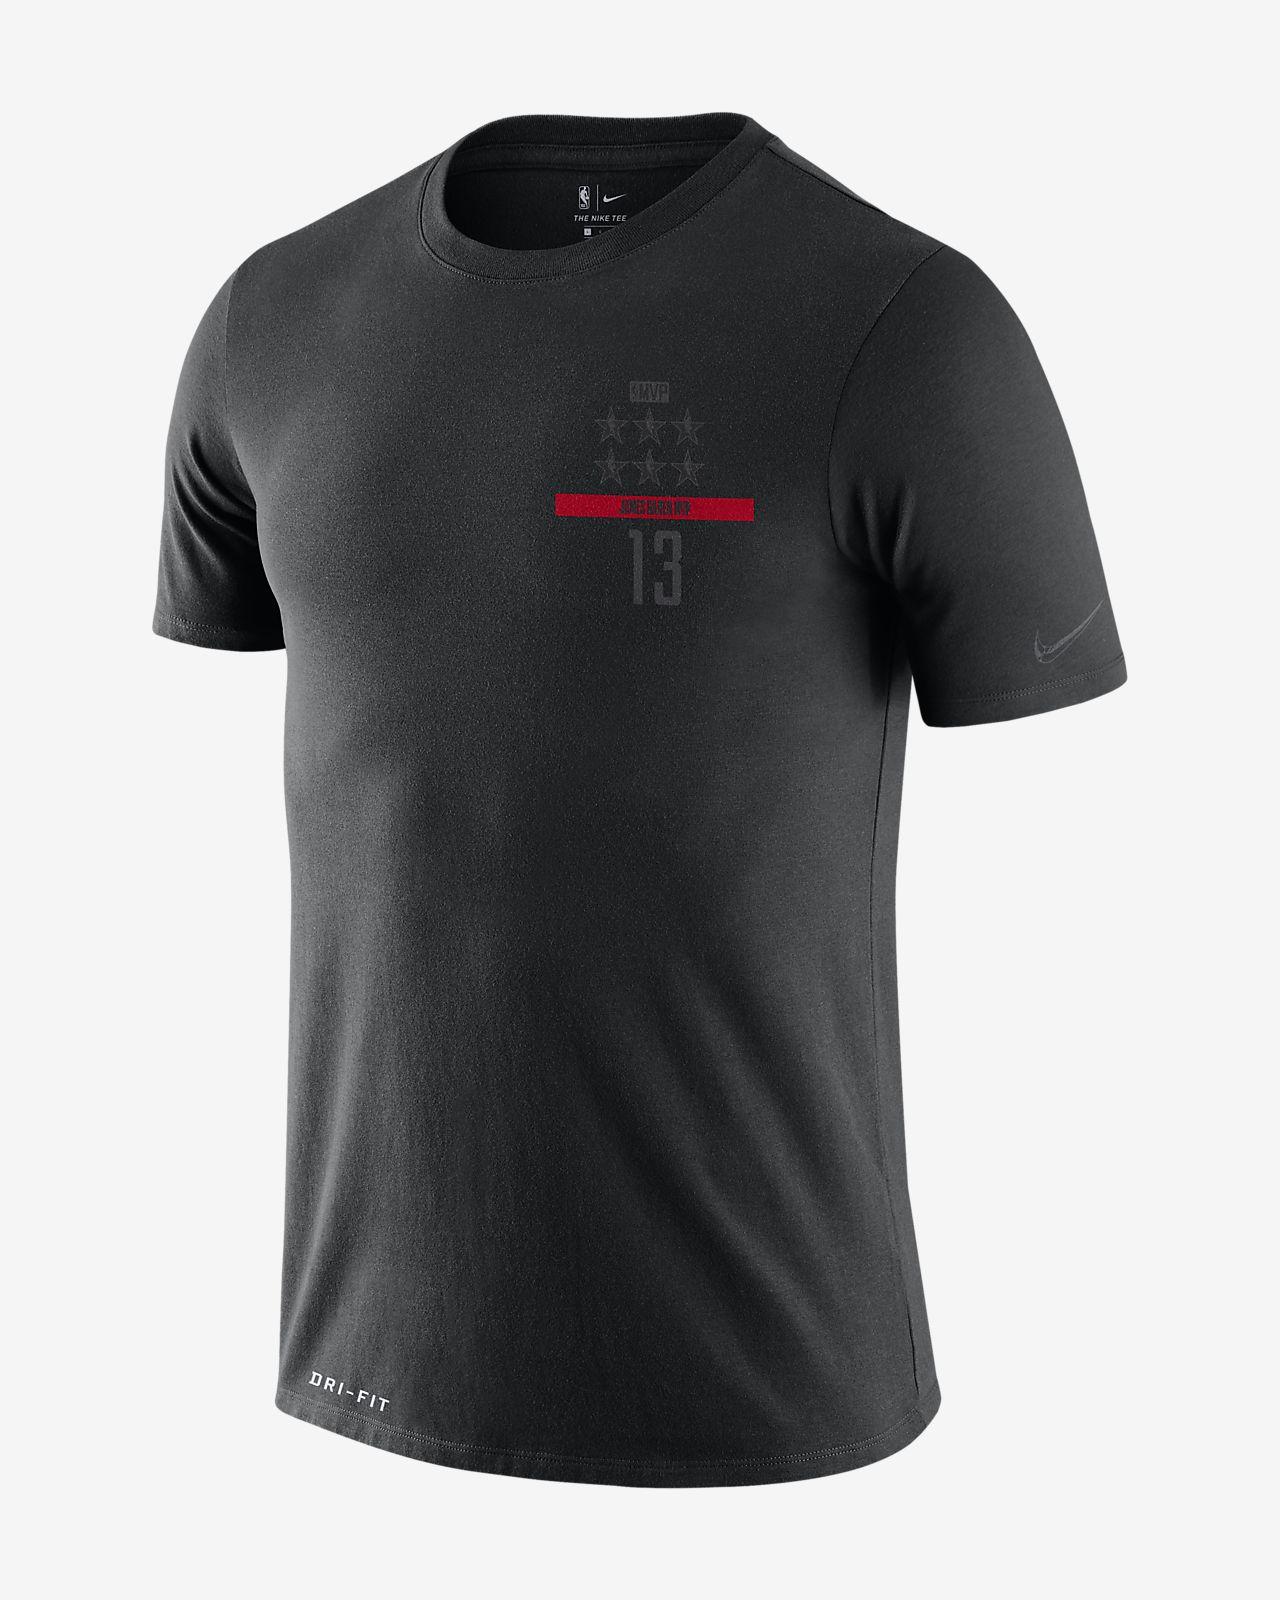 2fd75930b1e James Harden Nike Dri-FIT